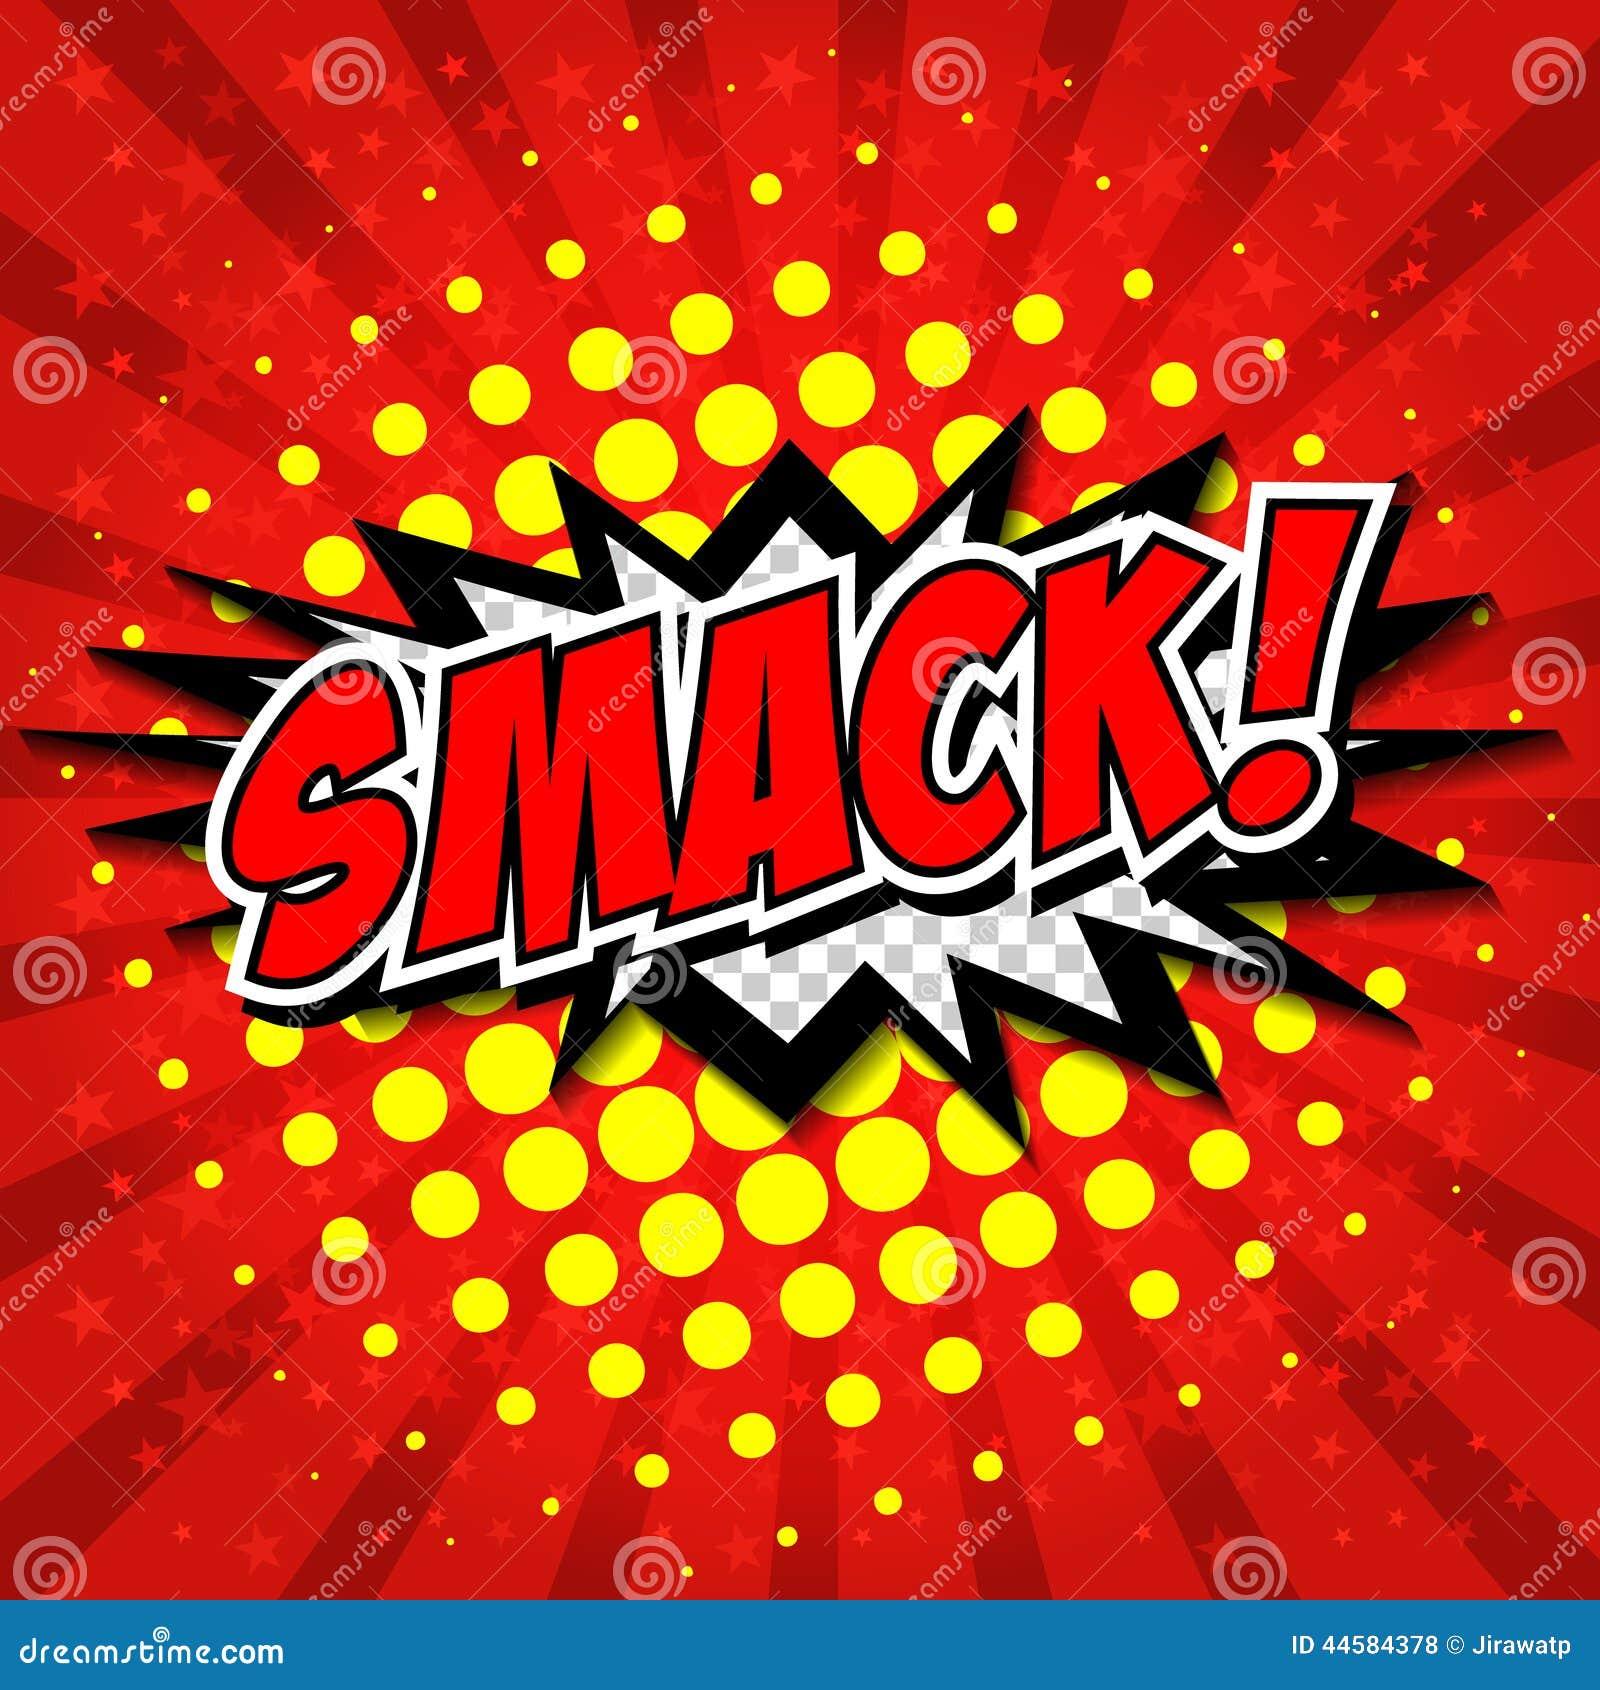 Smack Comic Speech Bubble Cartoon Stock Vector